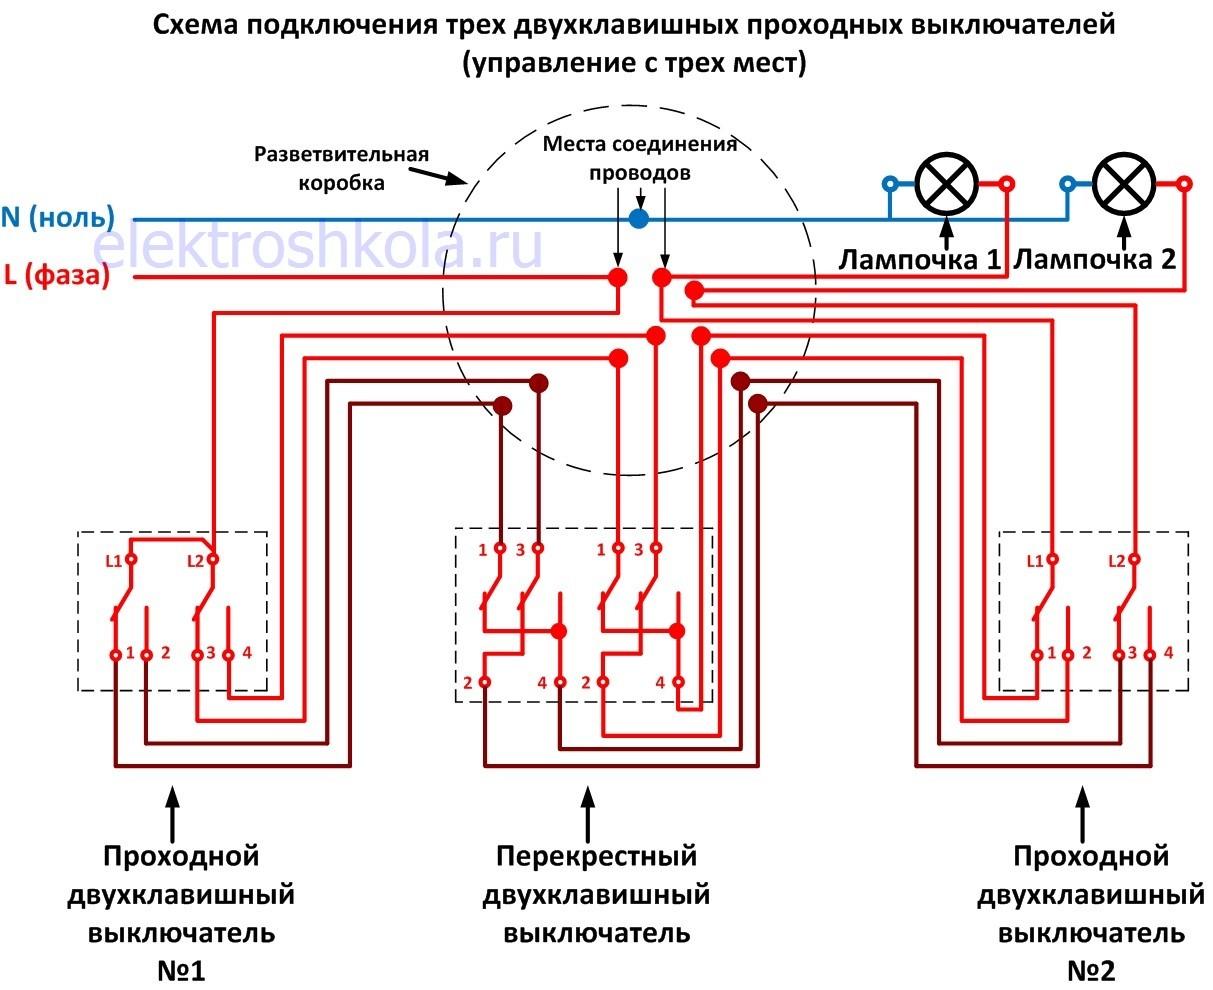 Схема подключения двух проходных и одного перекрестного двухклавишных выключателей на 2 точки для управления с трех мест